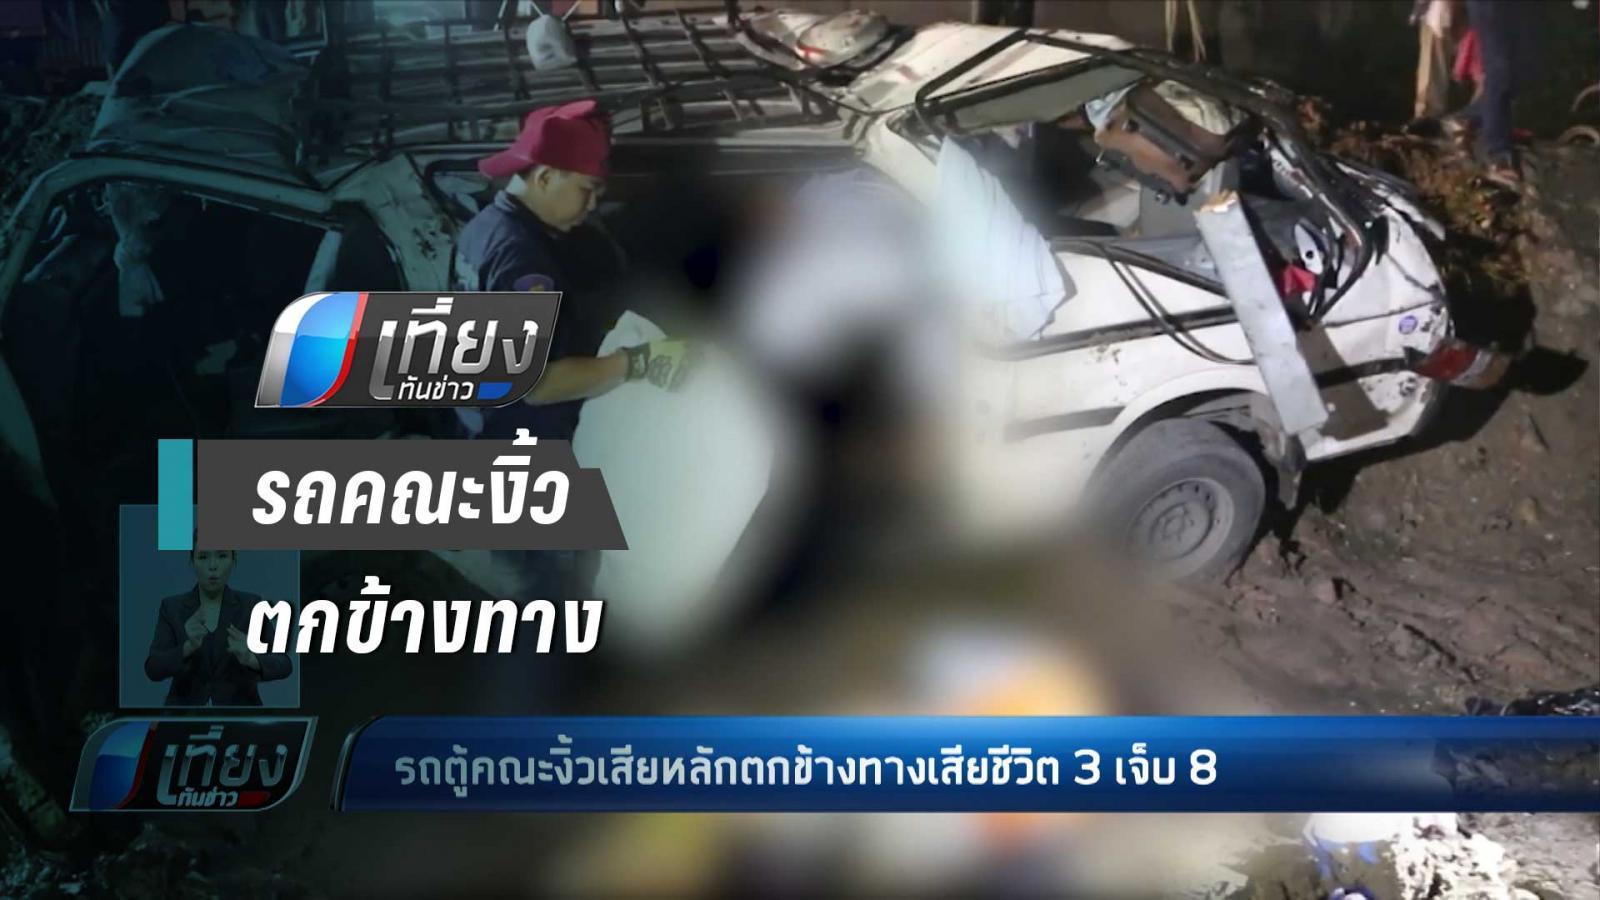 รถตู้คณะงิ้วเสียหลักตกข้างทางเสียชีวิต 3 เจ็บ 8